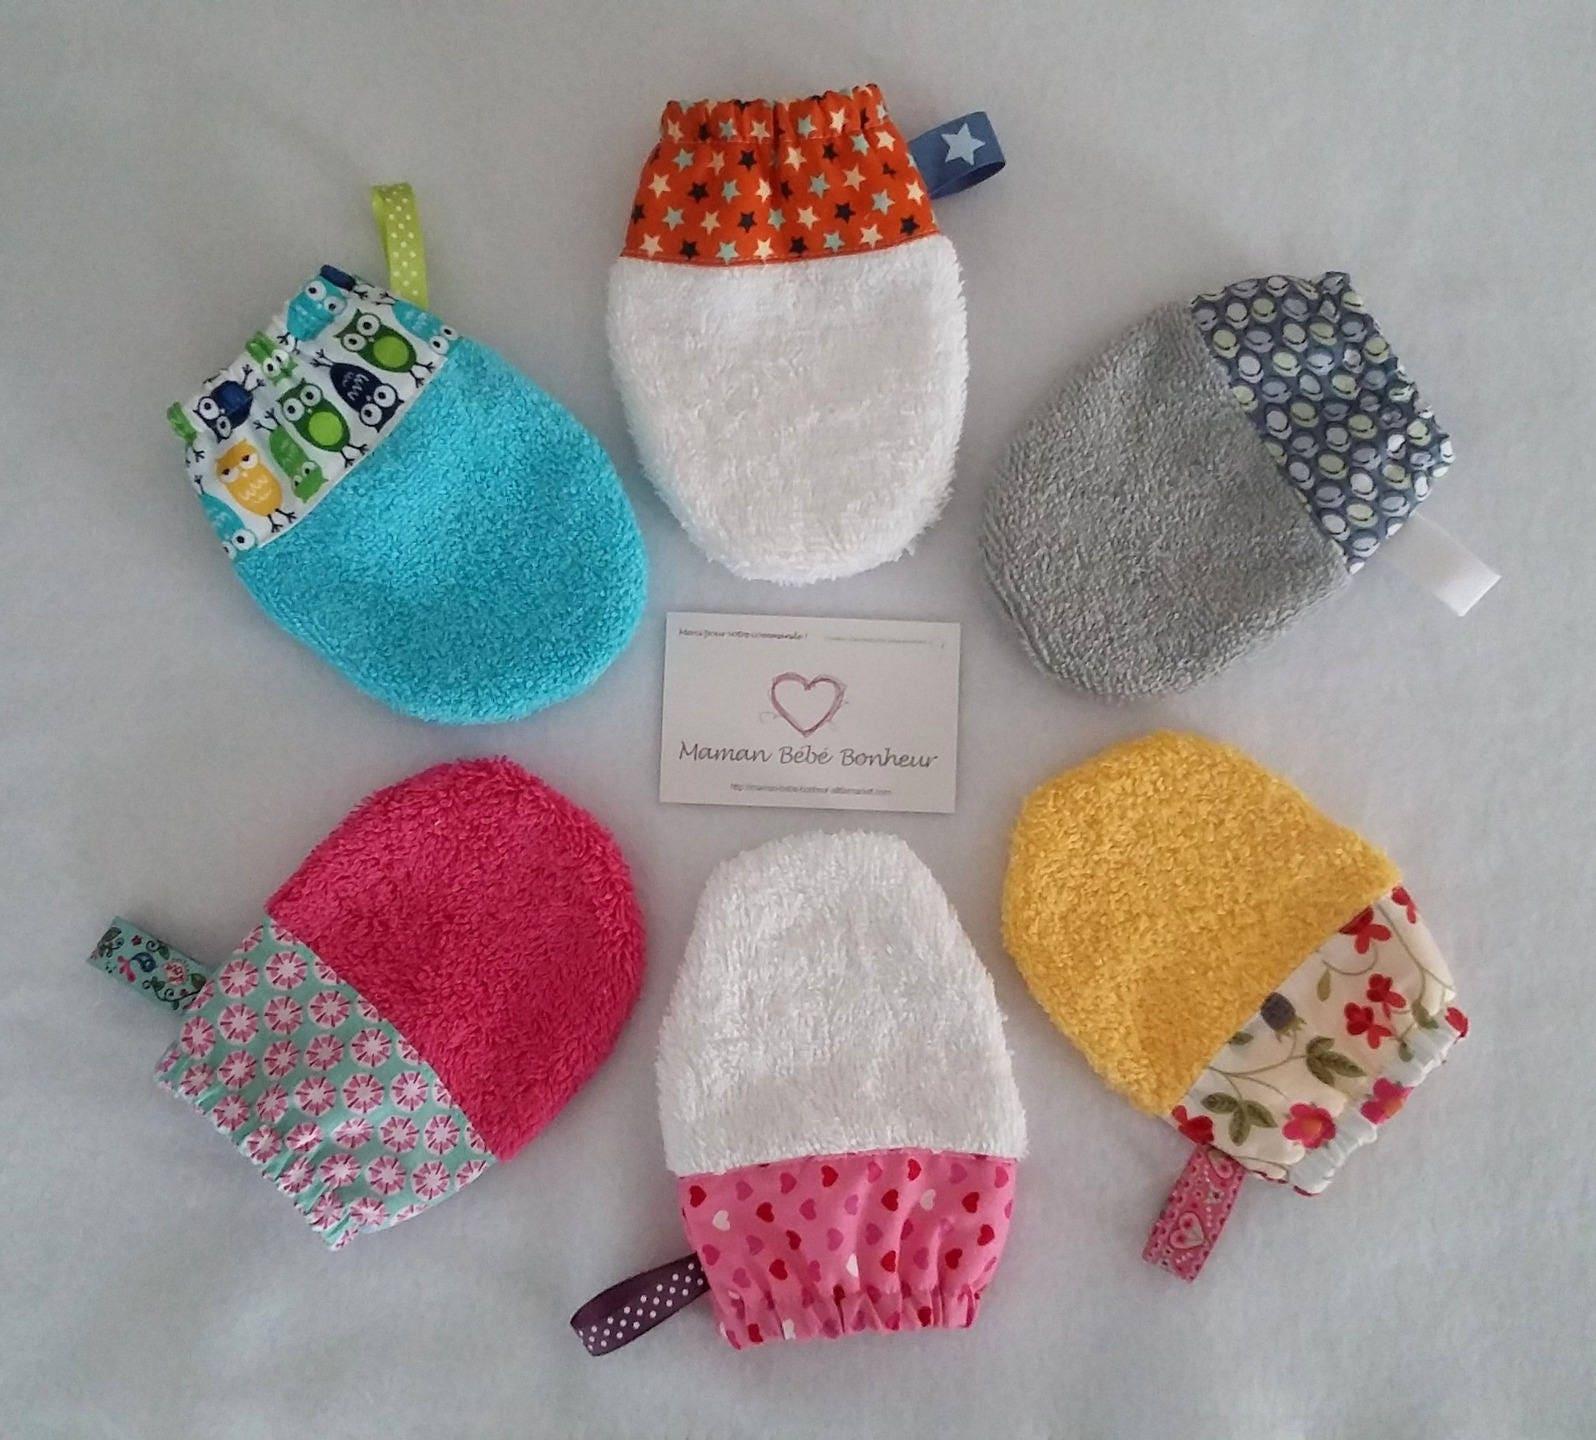 petit gant de toilette enfant lastiqu coloris au choix avec. Black Bedroom Furniture Sets. Home Design Ideas